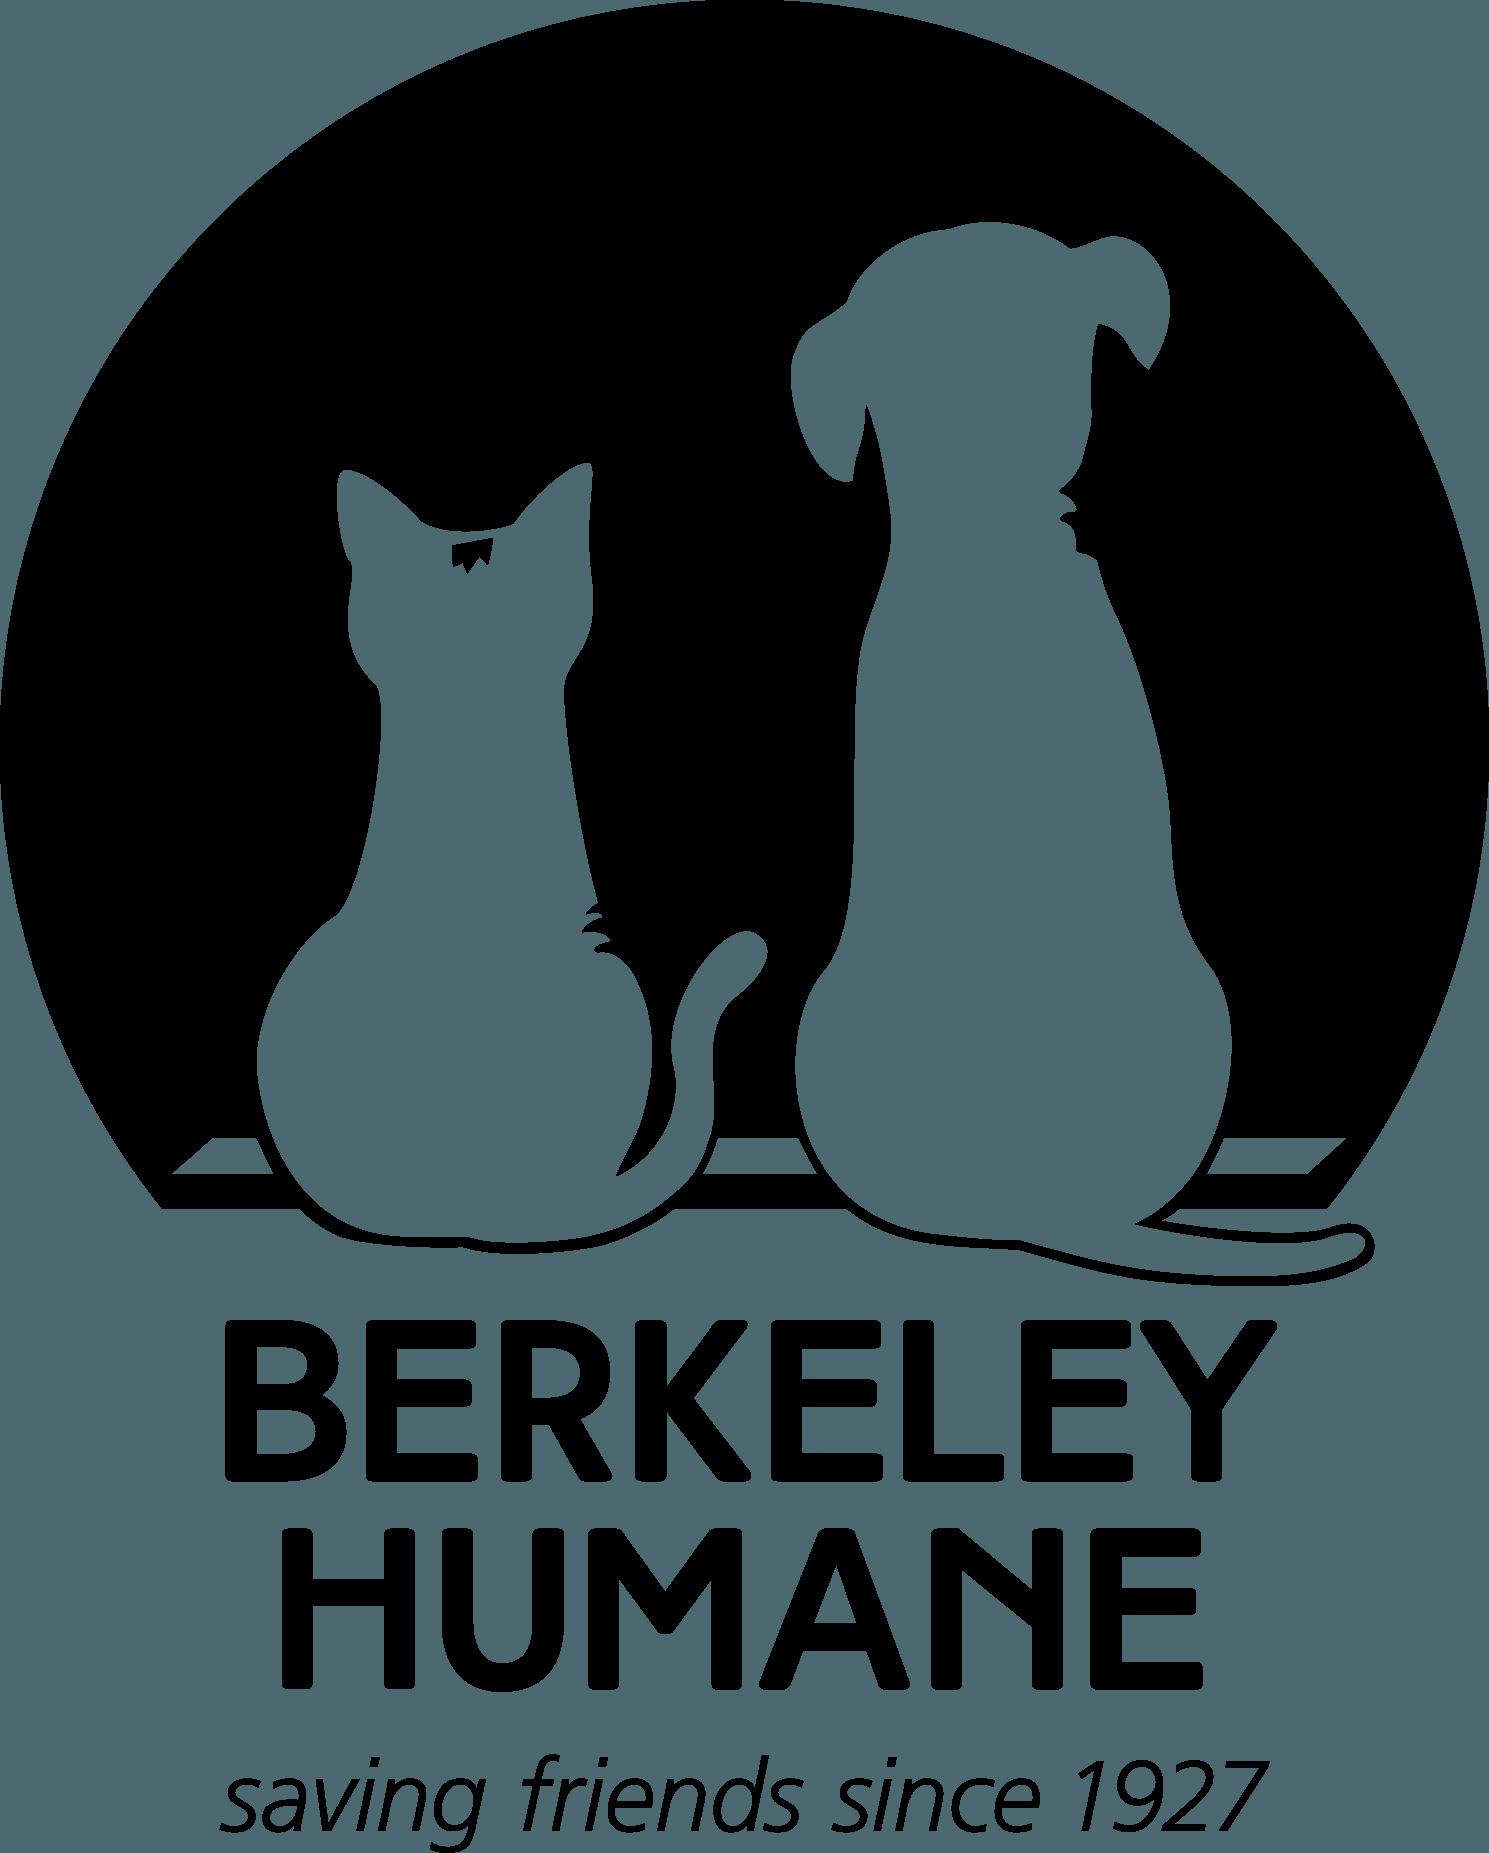 Berkeleyhumane logo